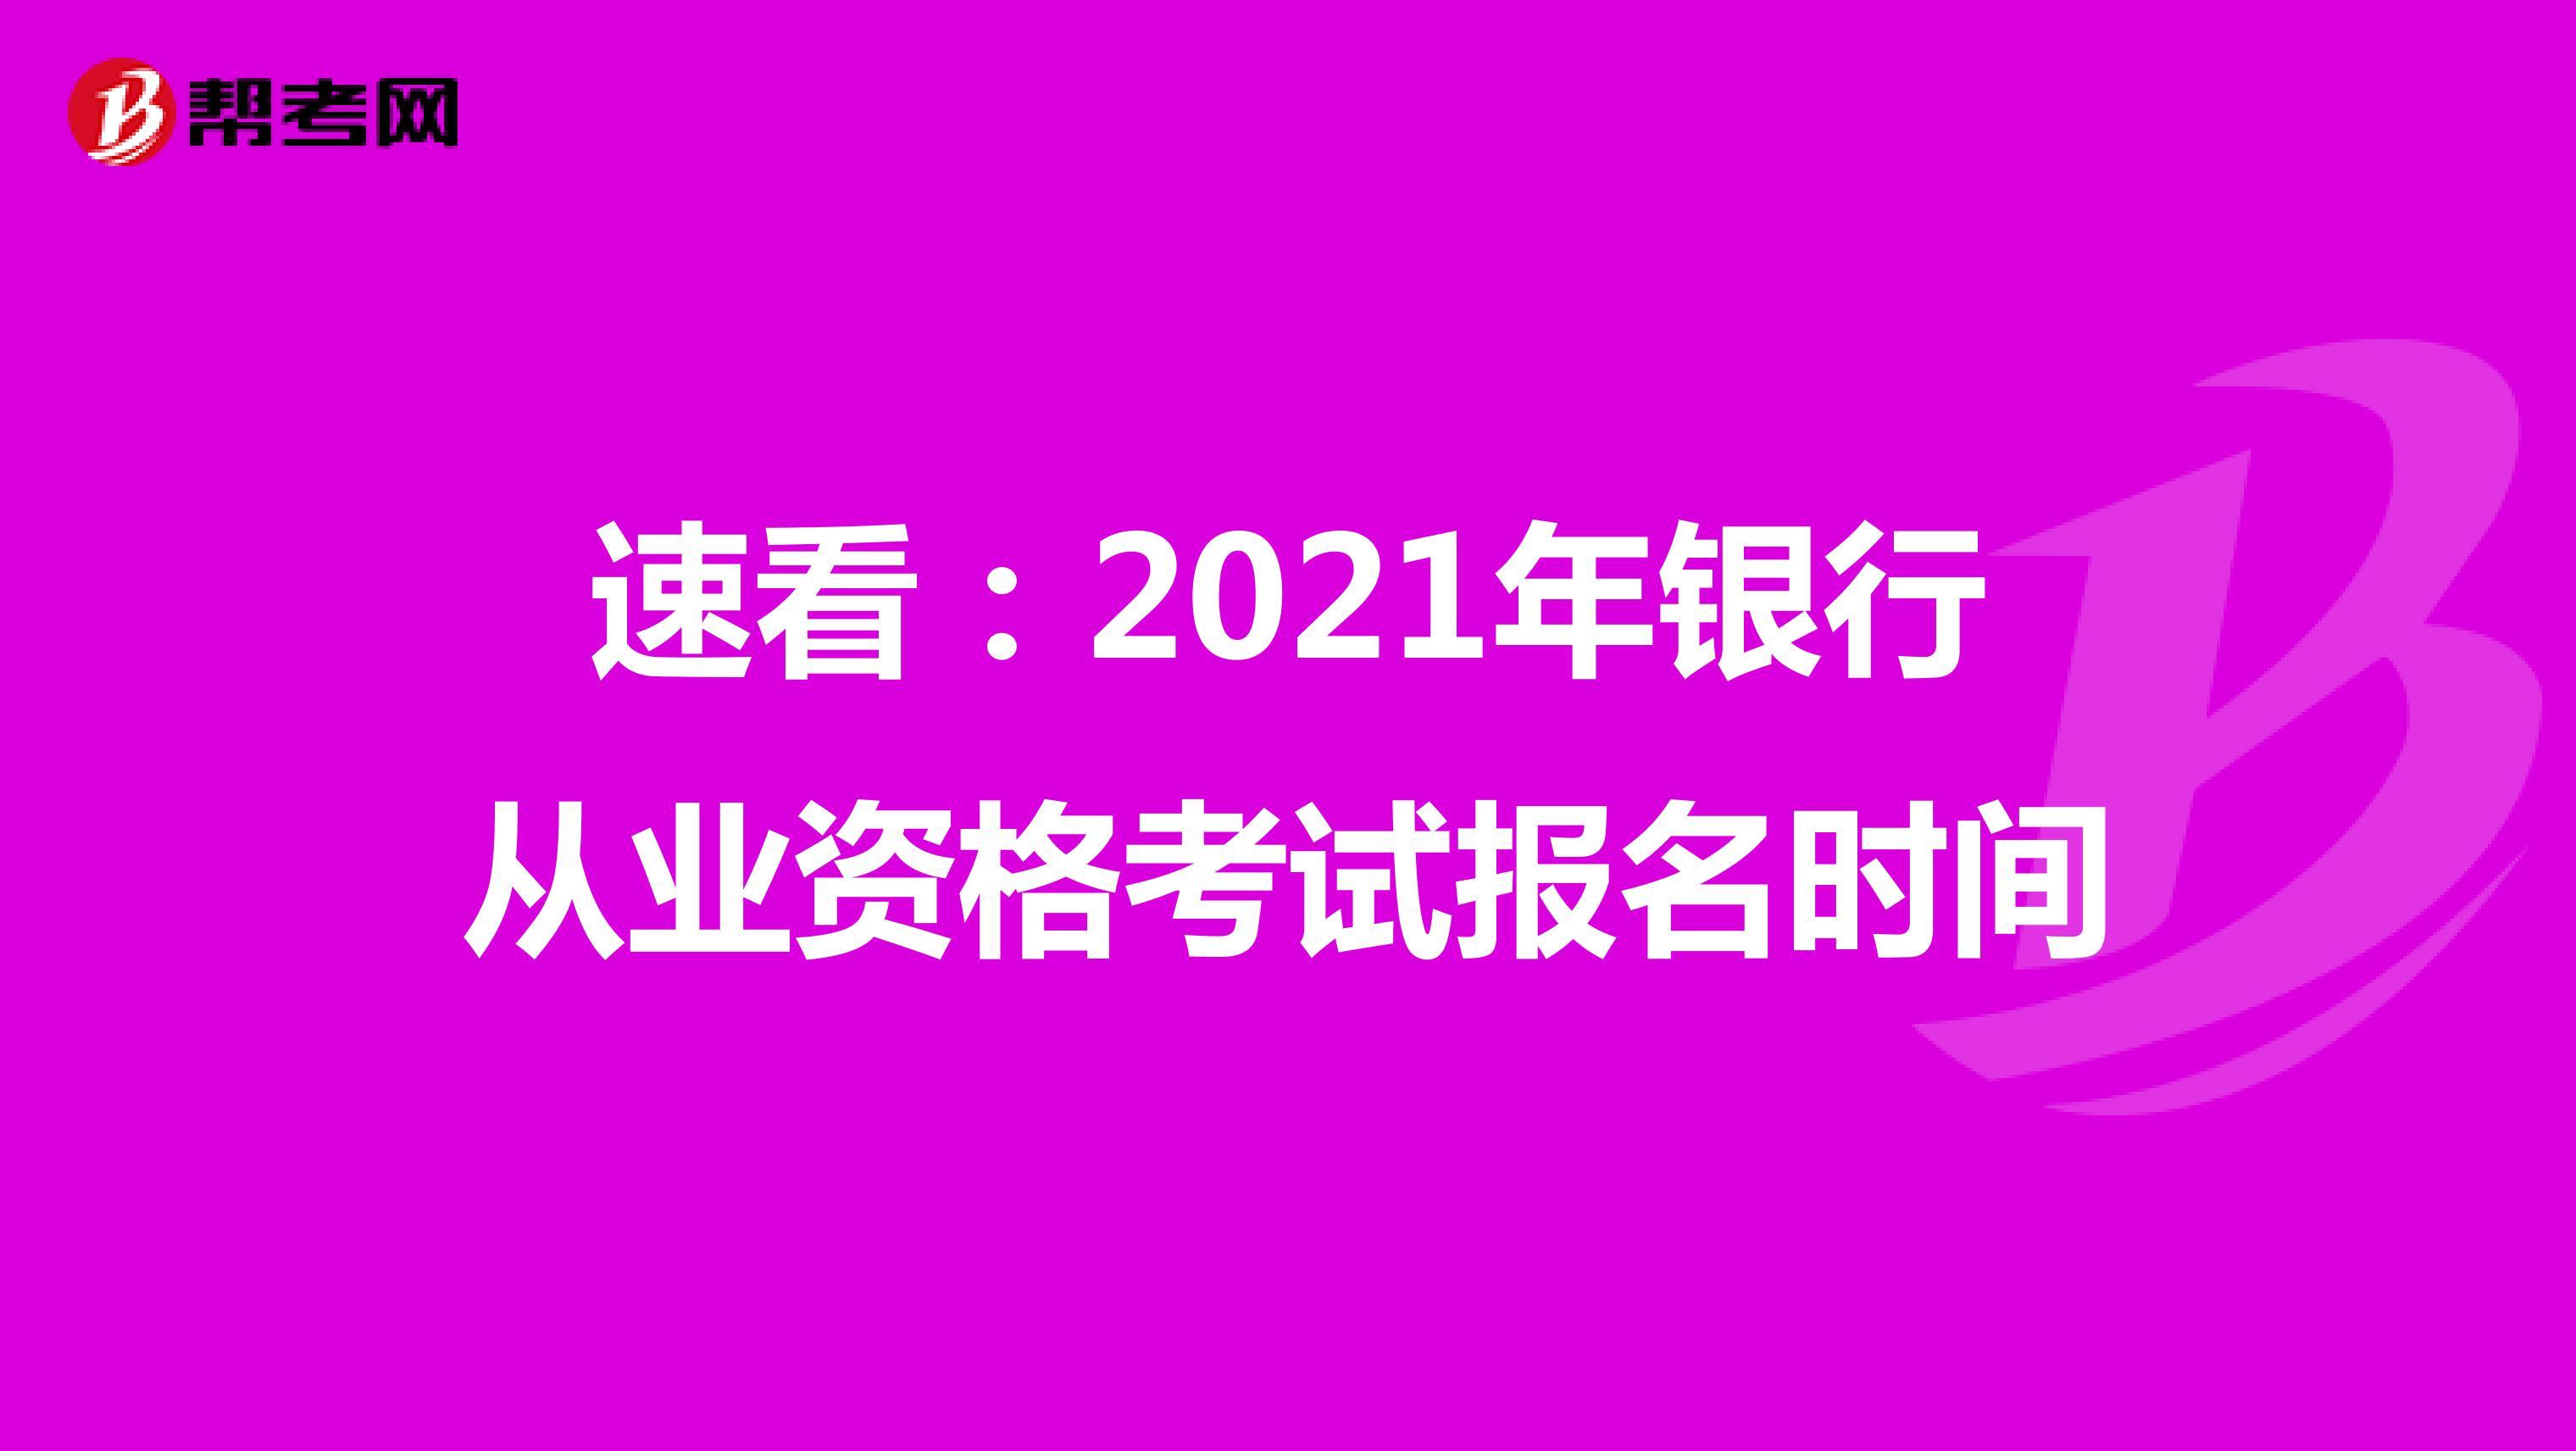 速看:2021年银行从业资格考试报名时间!